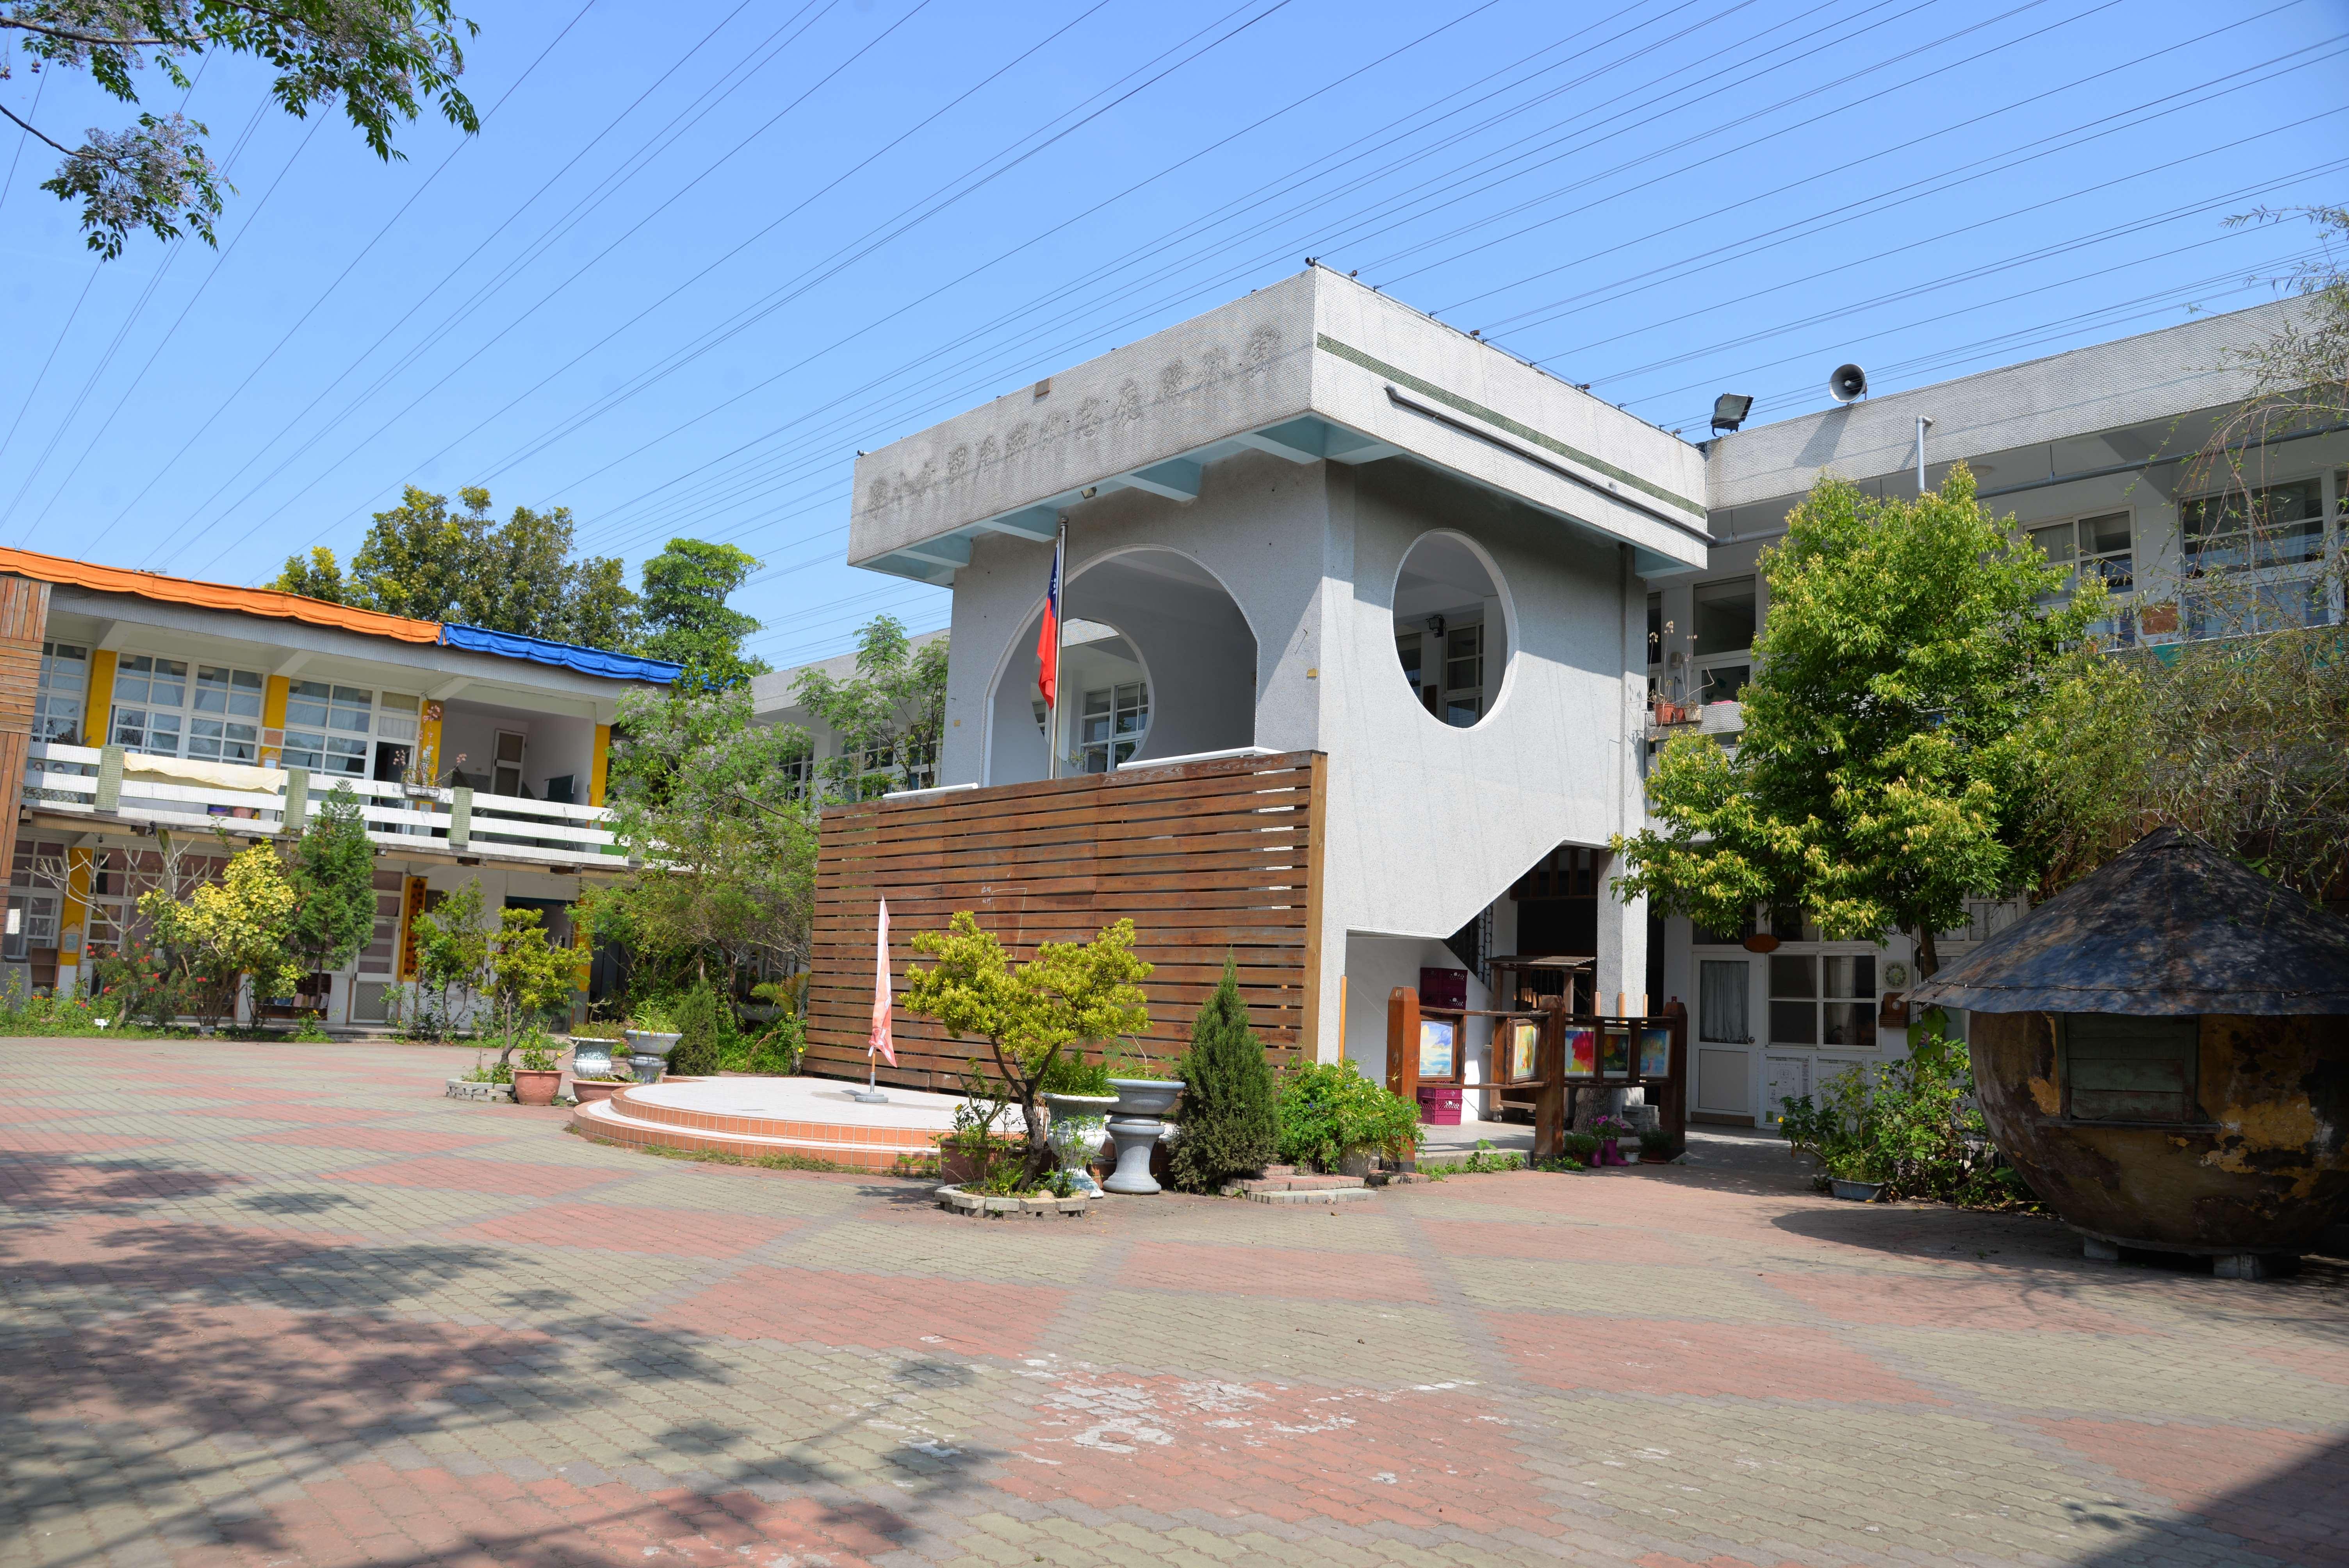 1952年創建的褒忠潮厝國小,2011年8月配合華德福教育實驗,正名為潮厝華德福教育實驗國小。